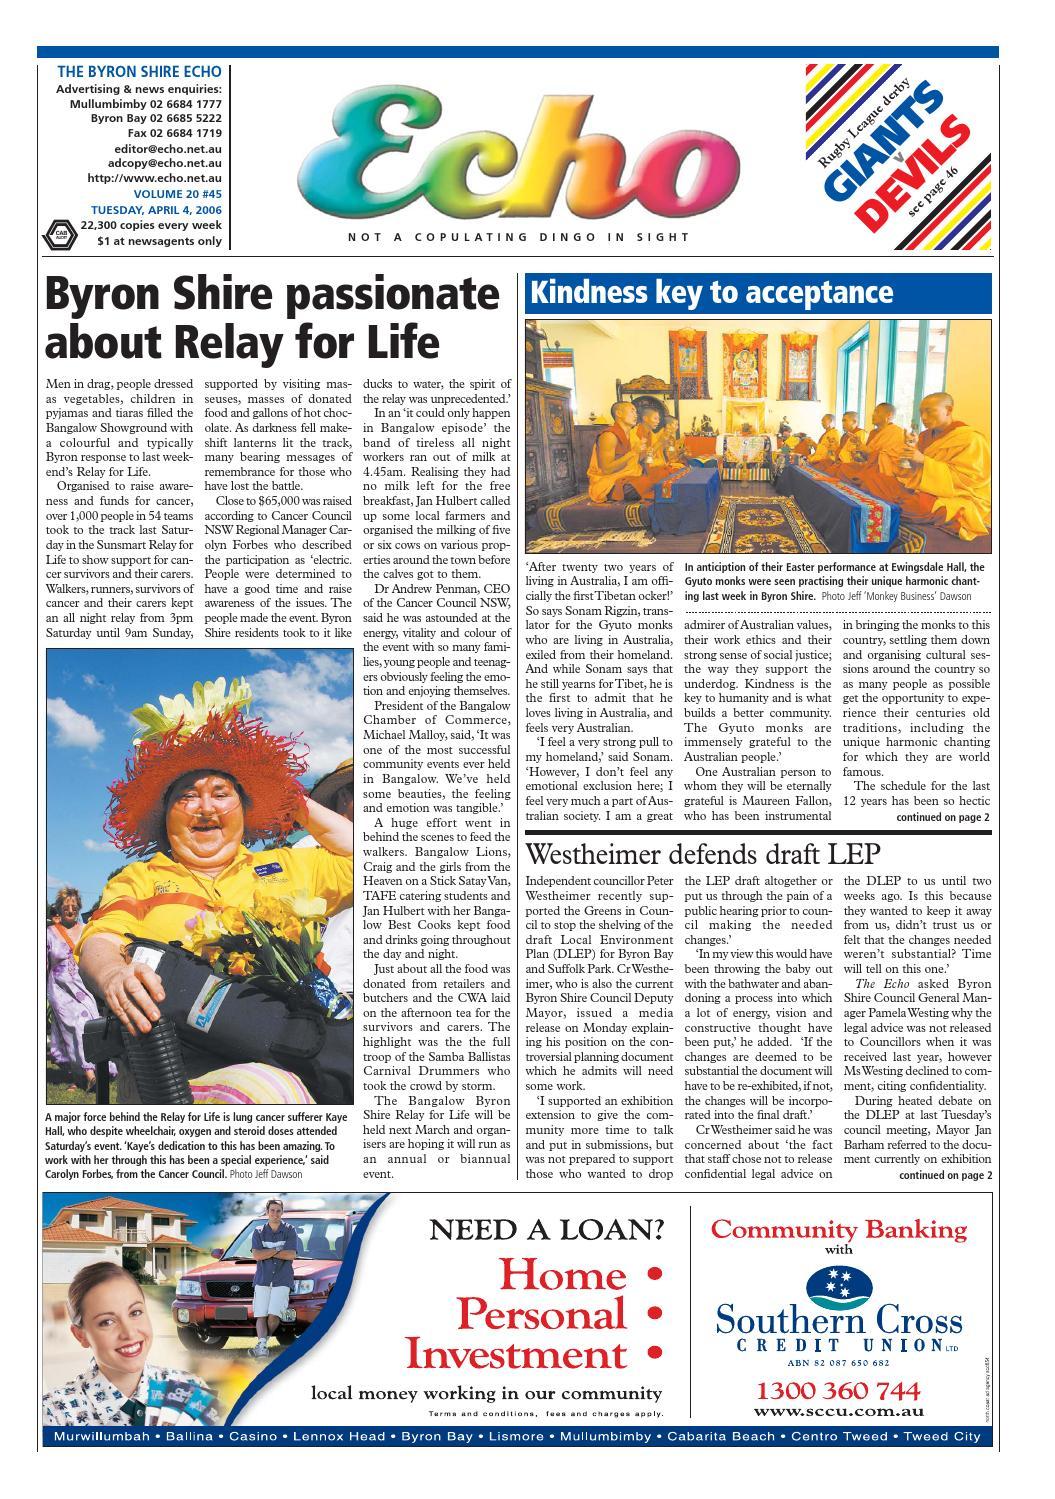 Byron Shire Echo – Issue 20 45 – 04/04/2006 by Echo